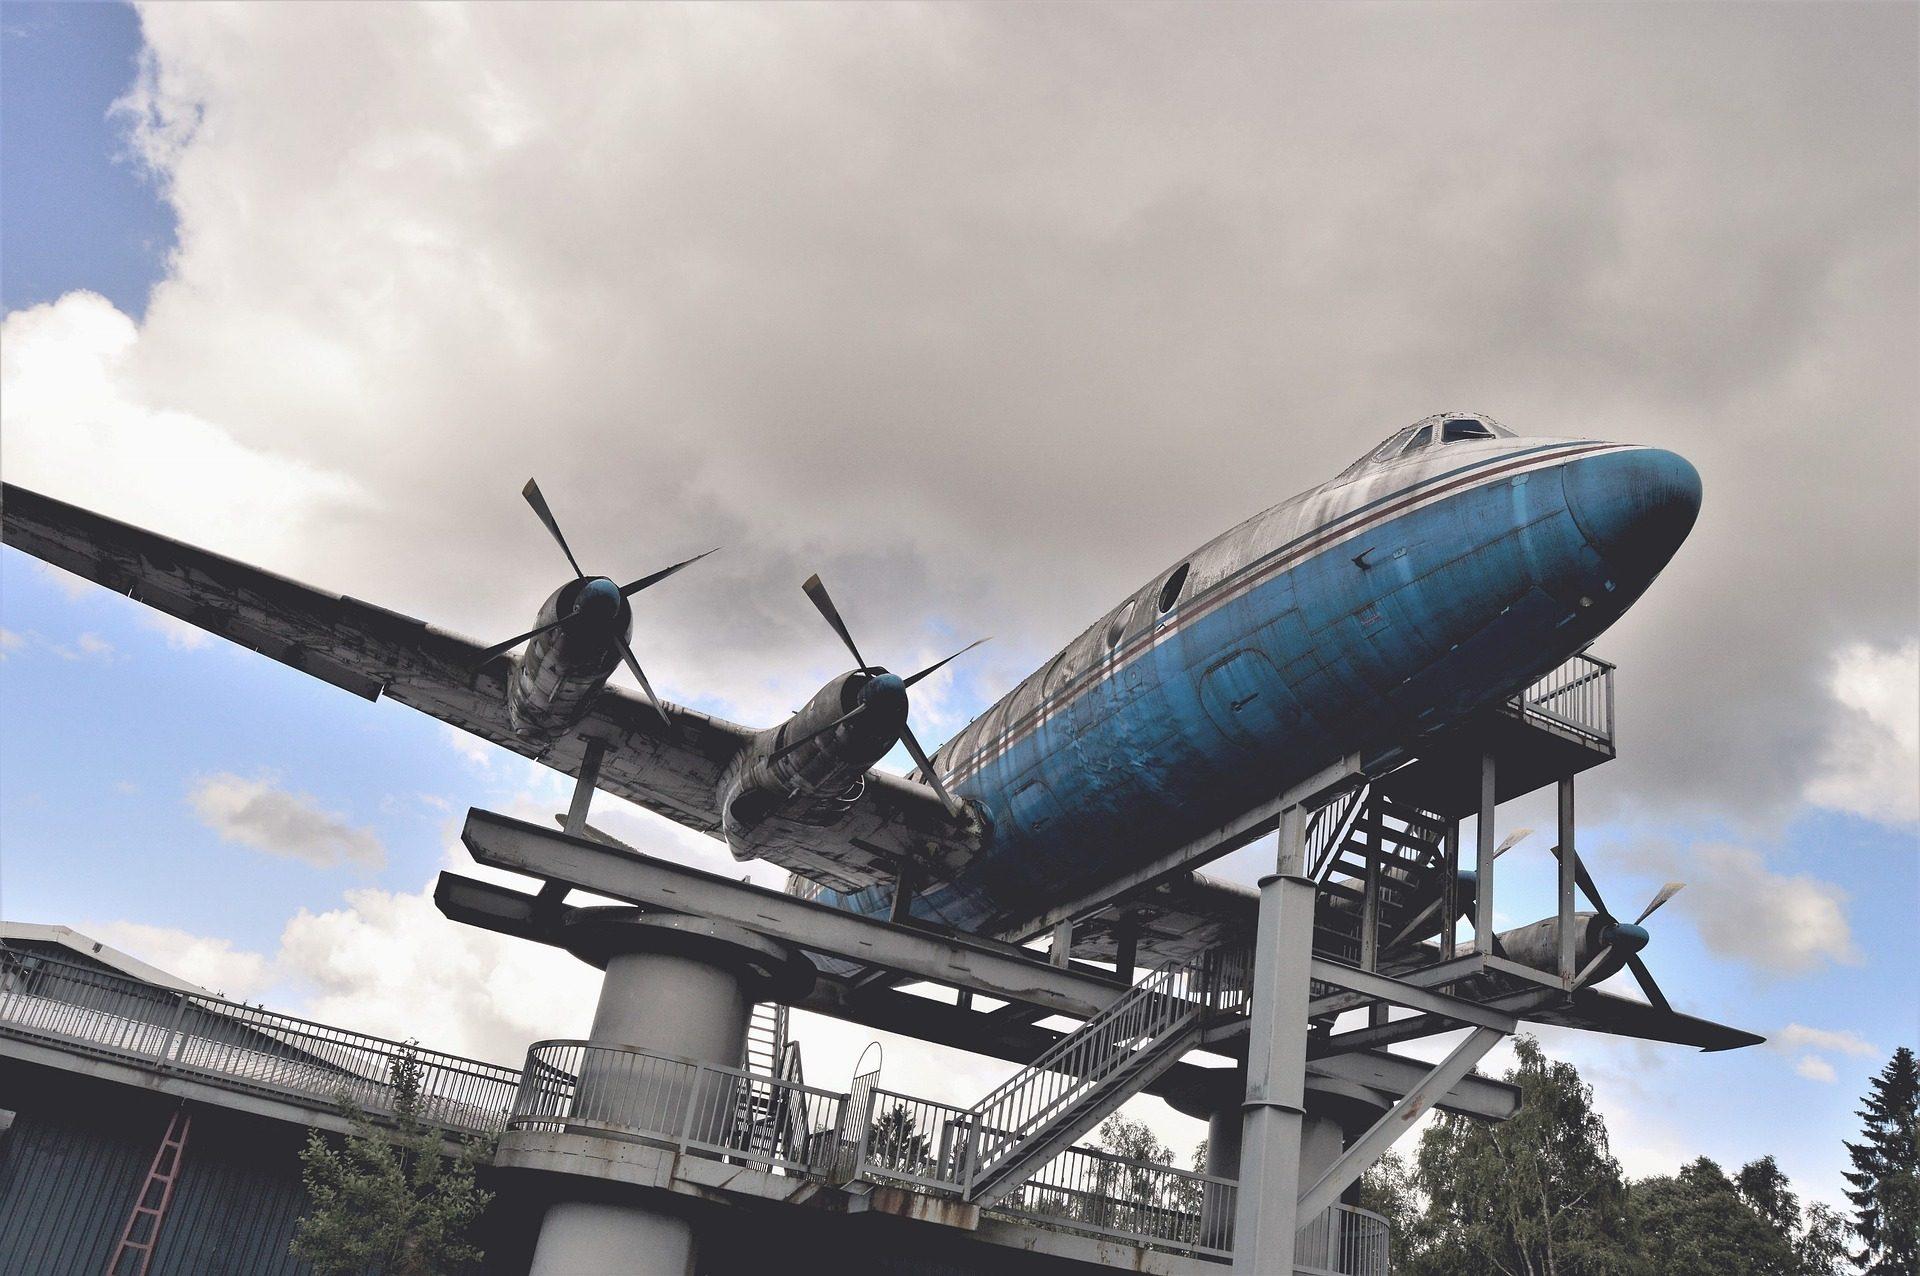 飞机, 纪念碑, 生锈, 脏, 天空, 云彩 - 高清壁纸 - 教授-falken.com